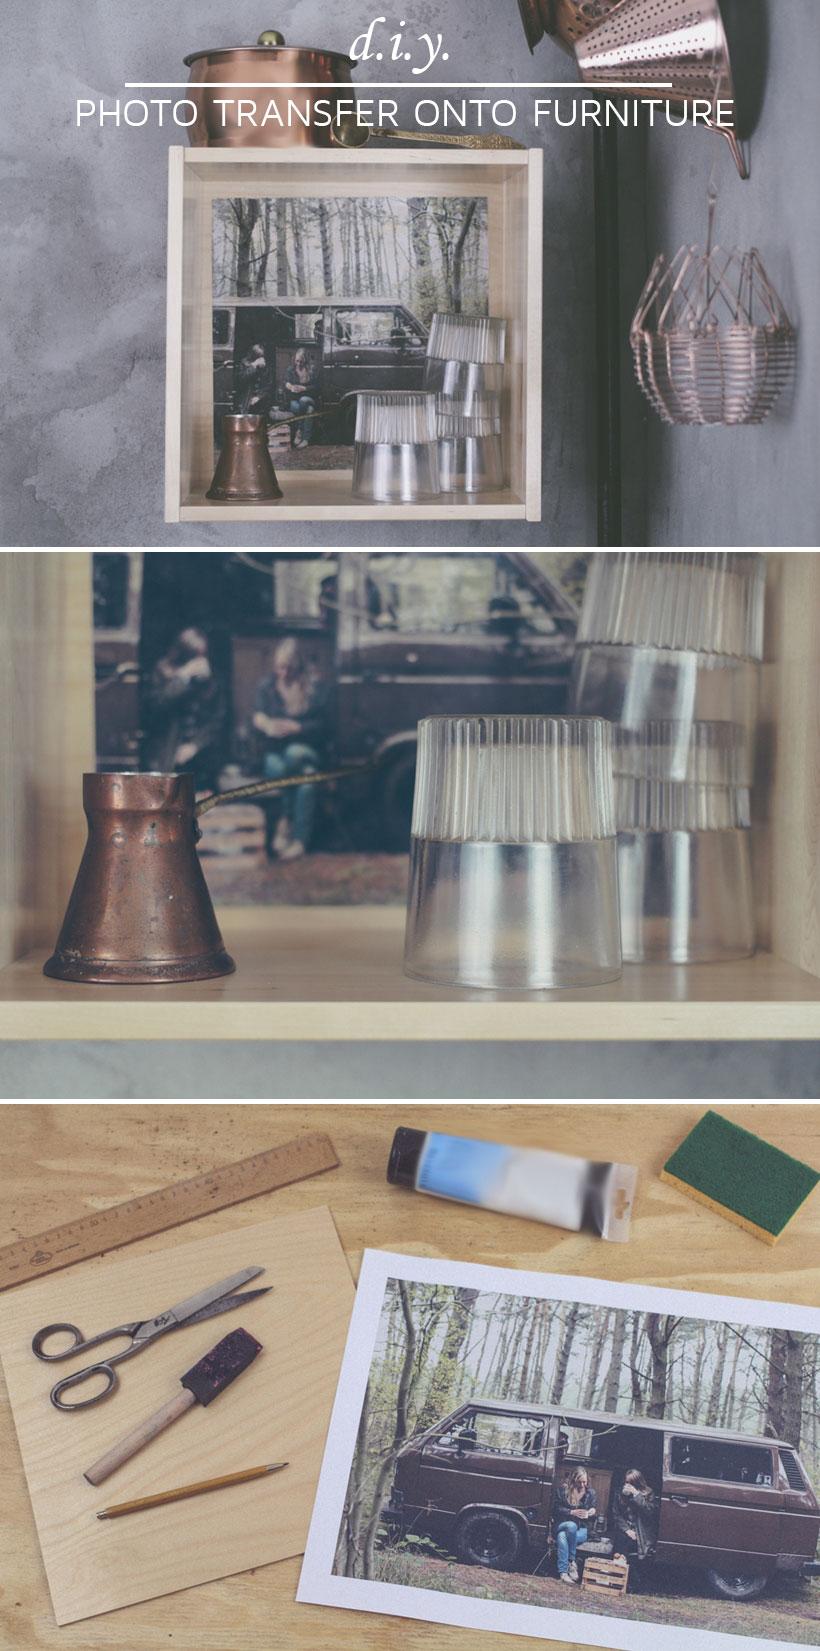 diy photo transfer onto furniture fototransfer auf holzm bel n hmarie. Black Bedroom Furniture Sets. Home Design Ideas